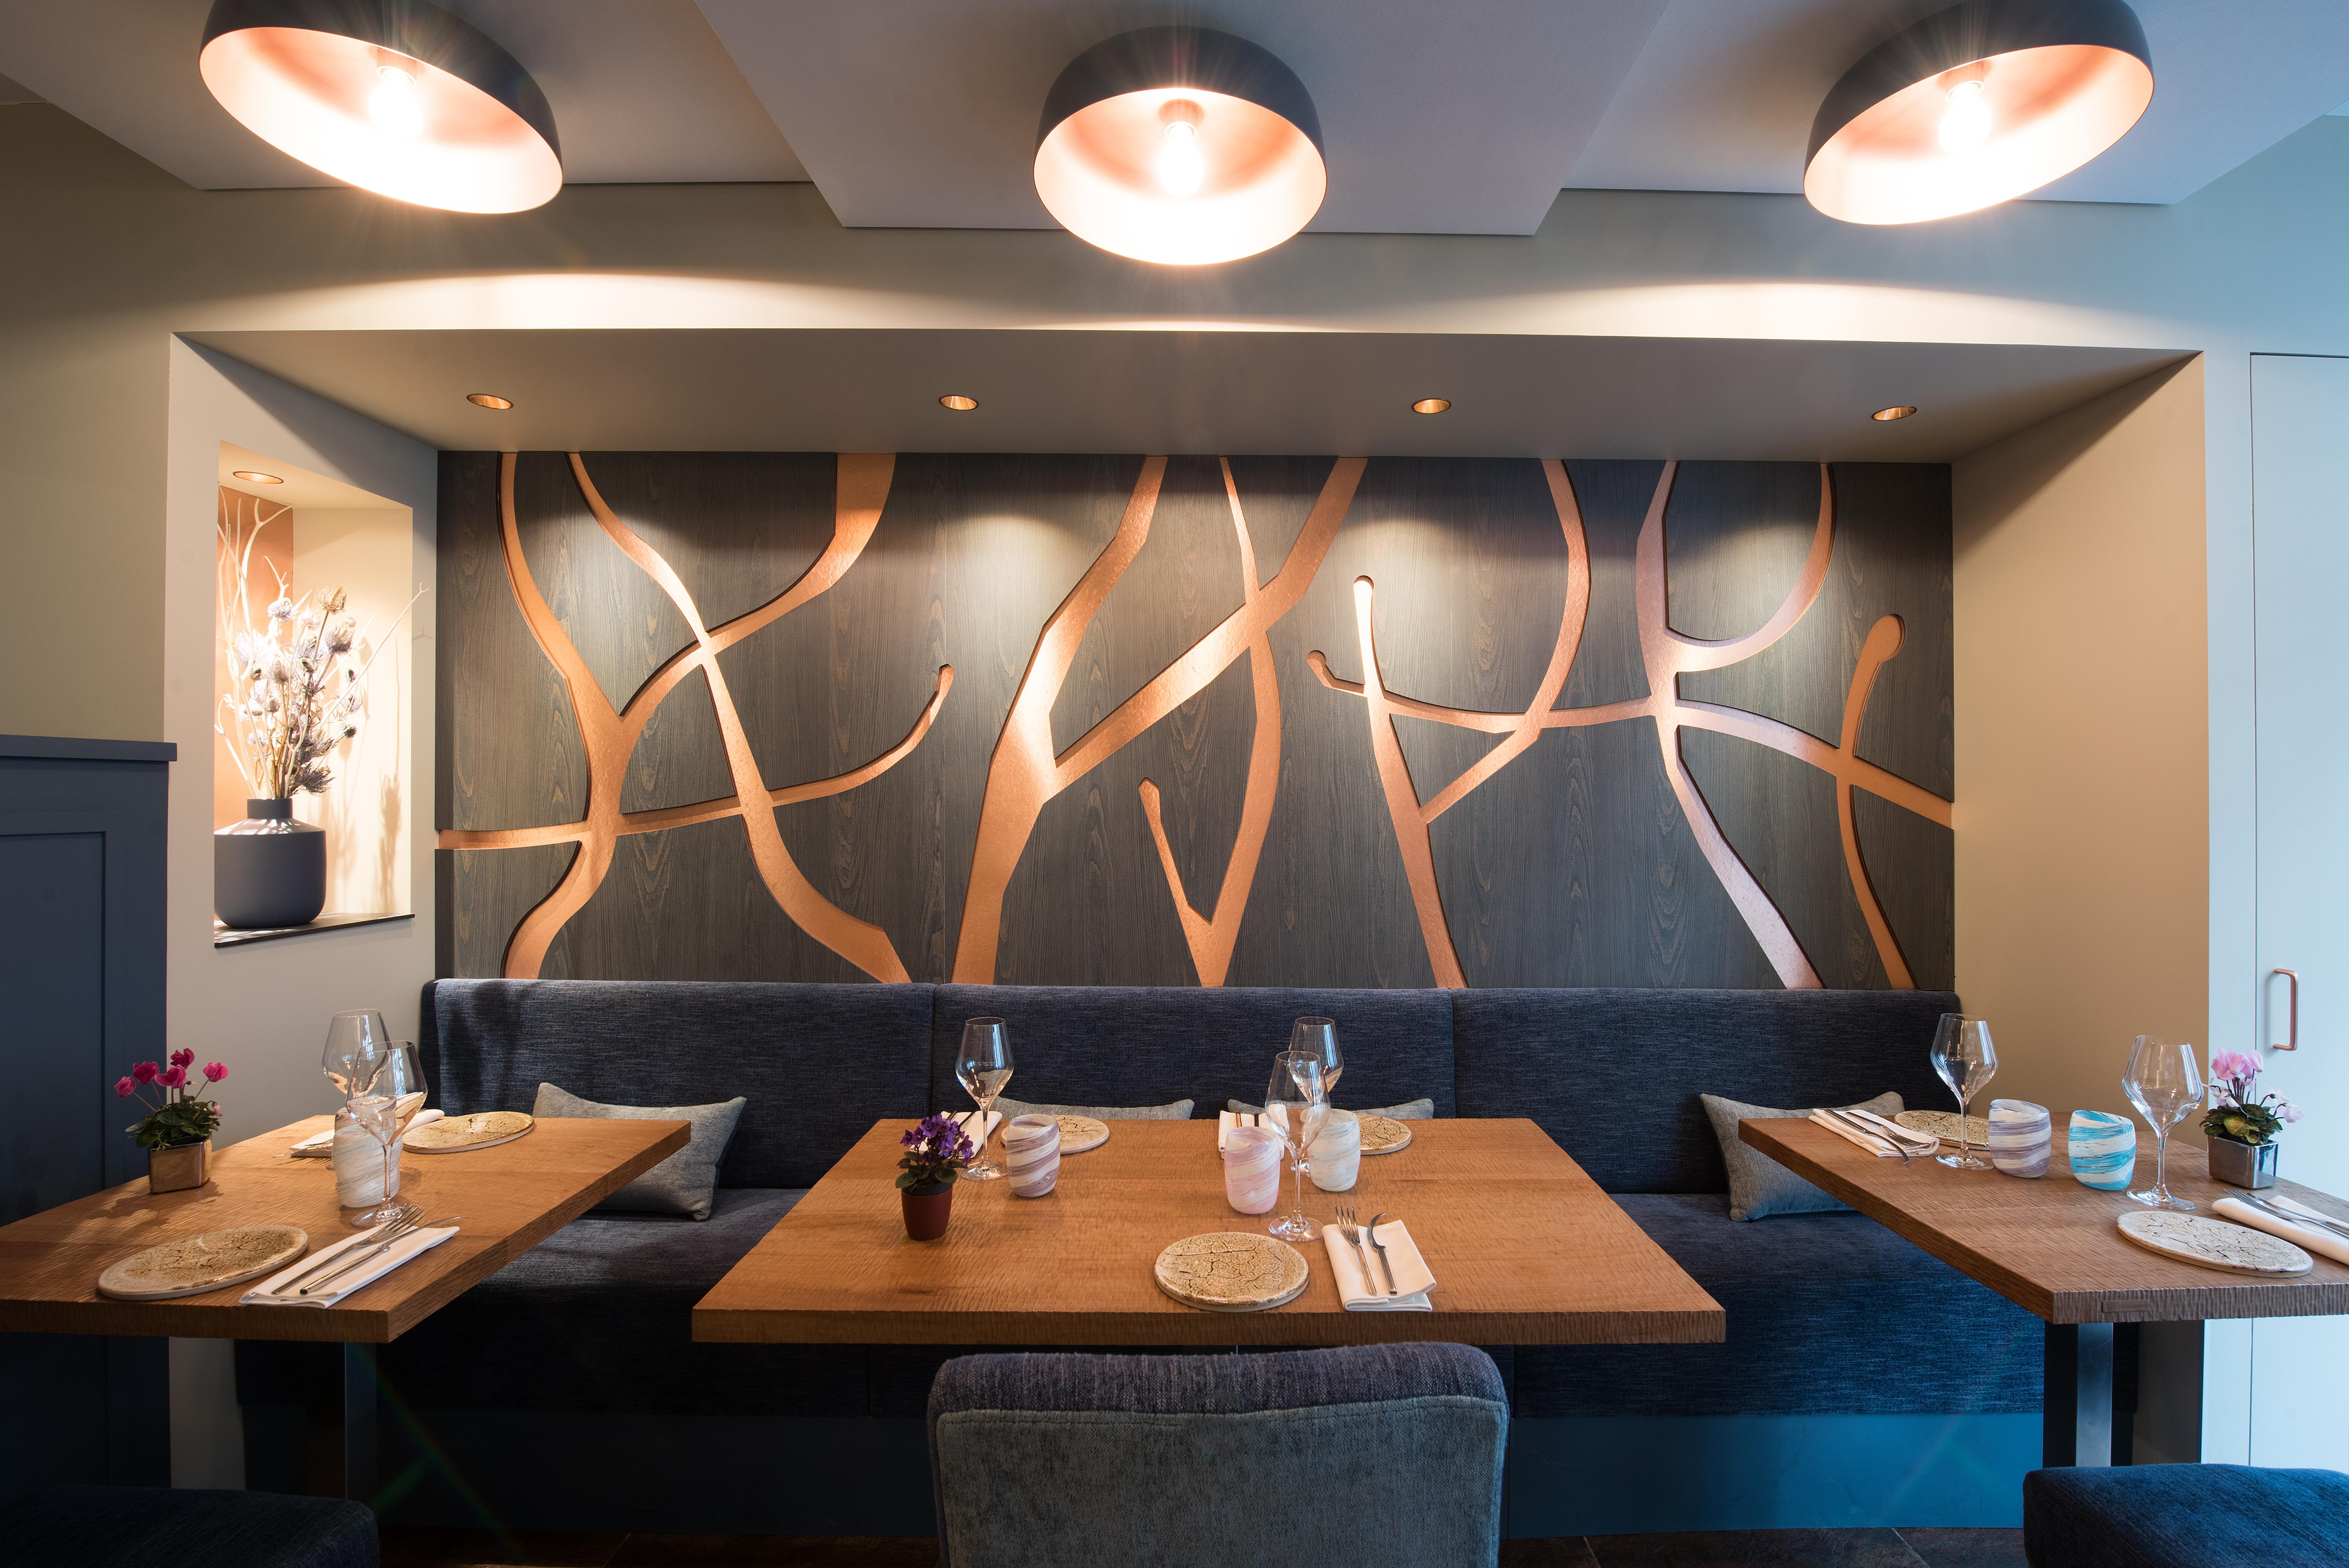 L'esquisse - Rénovation restaurant Annecy